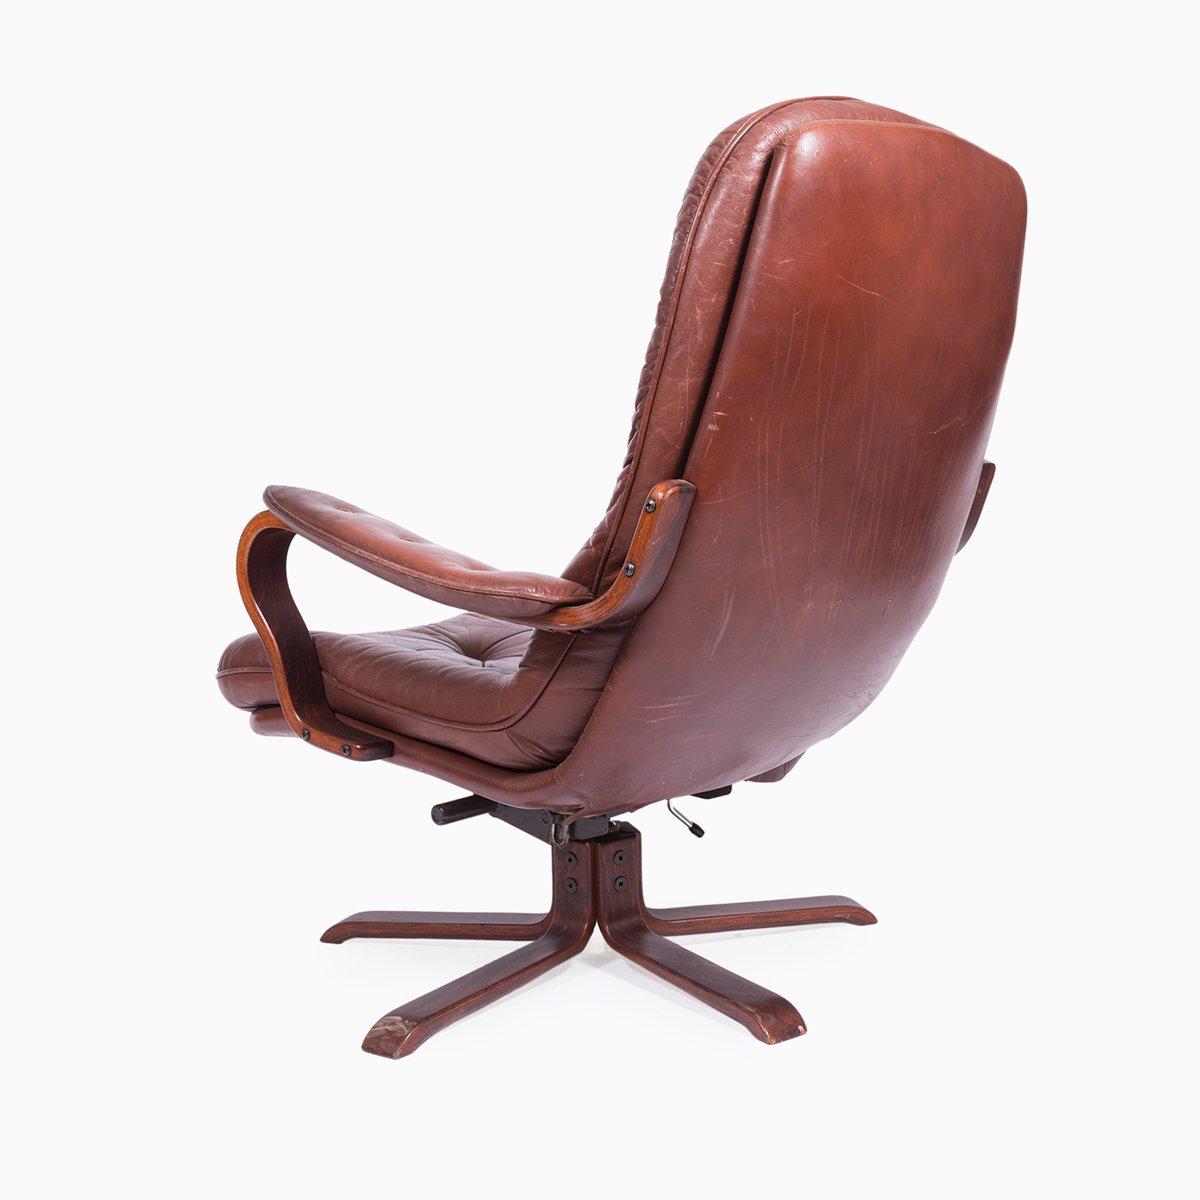 fauteuil pivotant vintage en cuir 1970s en vente sur pamono. Black Bedroom Furniture Sets. Home Design Ideas